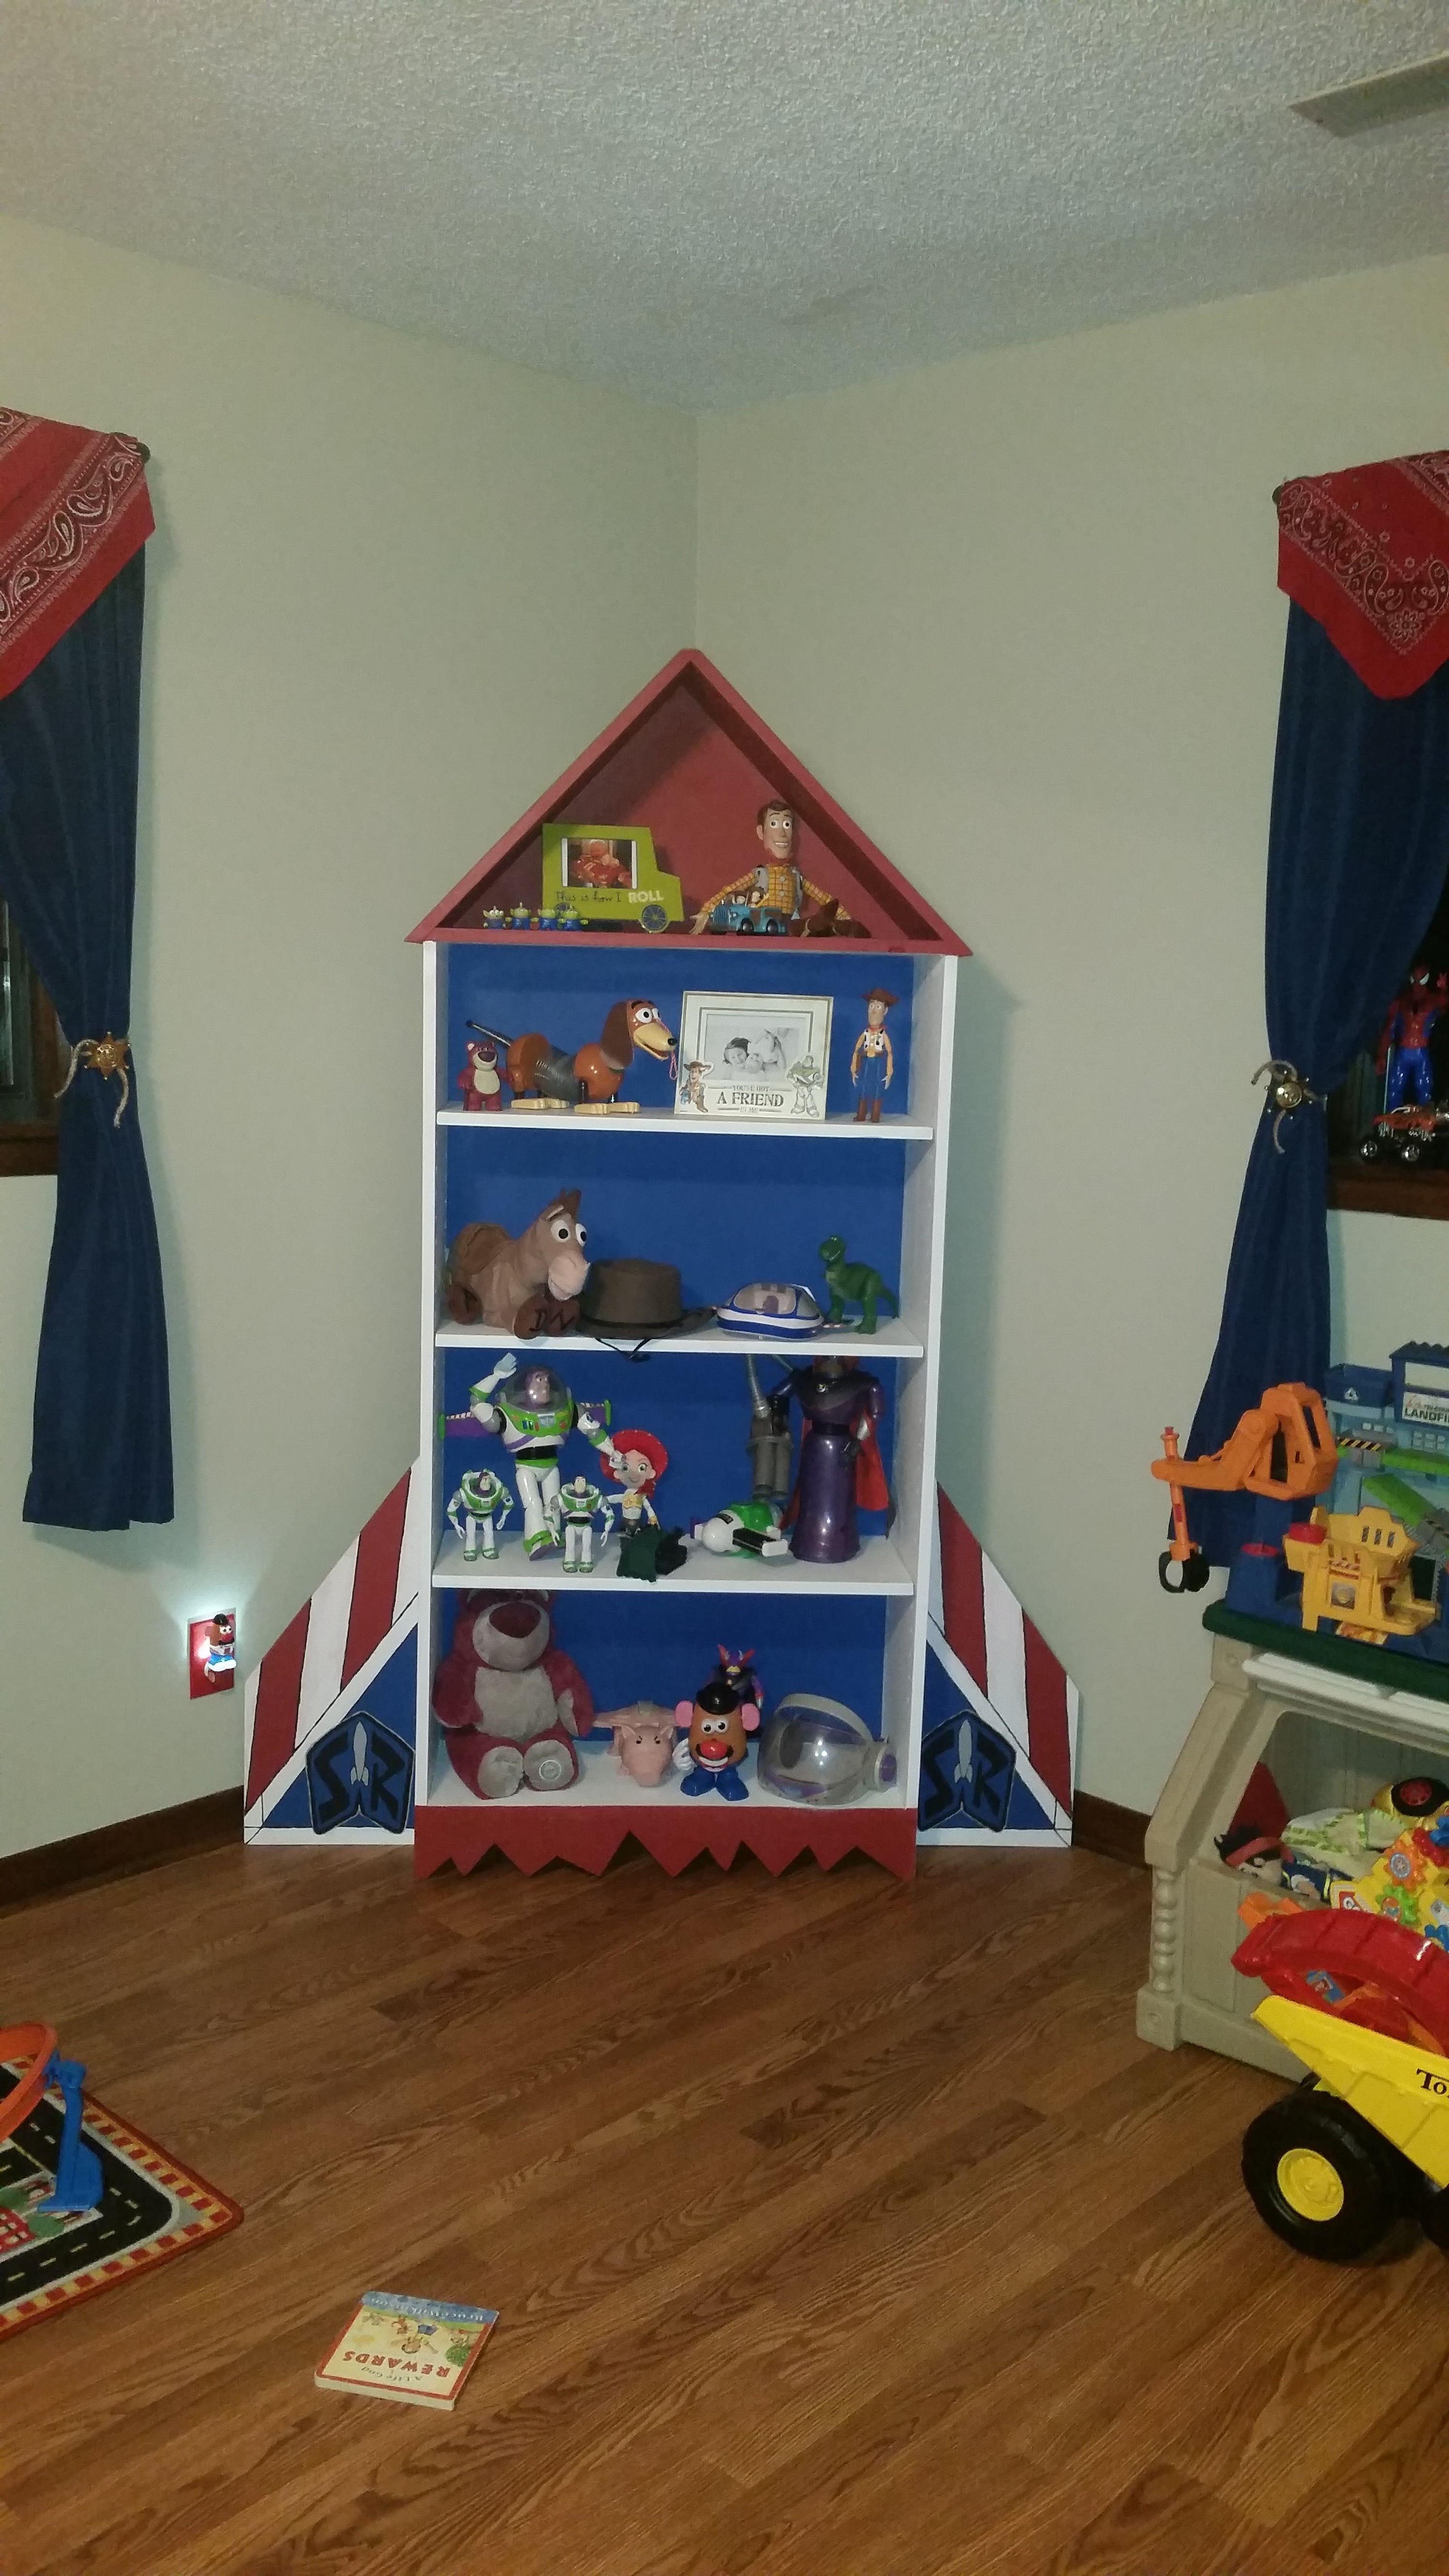 Ana White Buzz Lightyear Rocket Shelf Diy Projects Toy Story